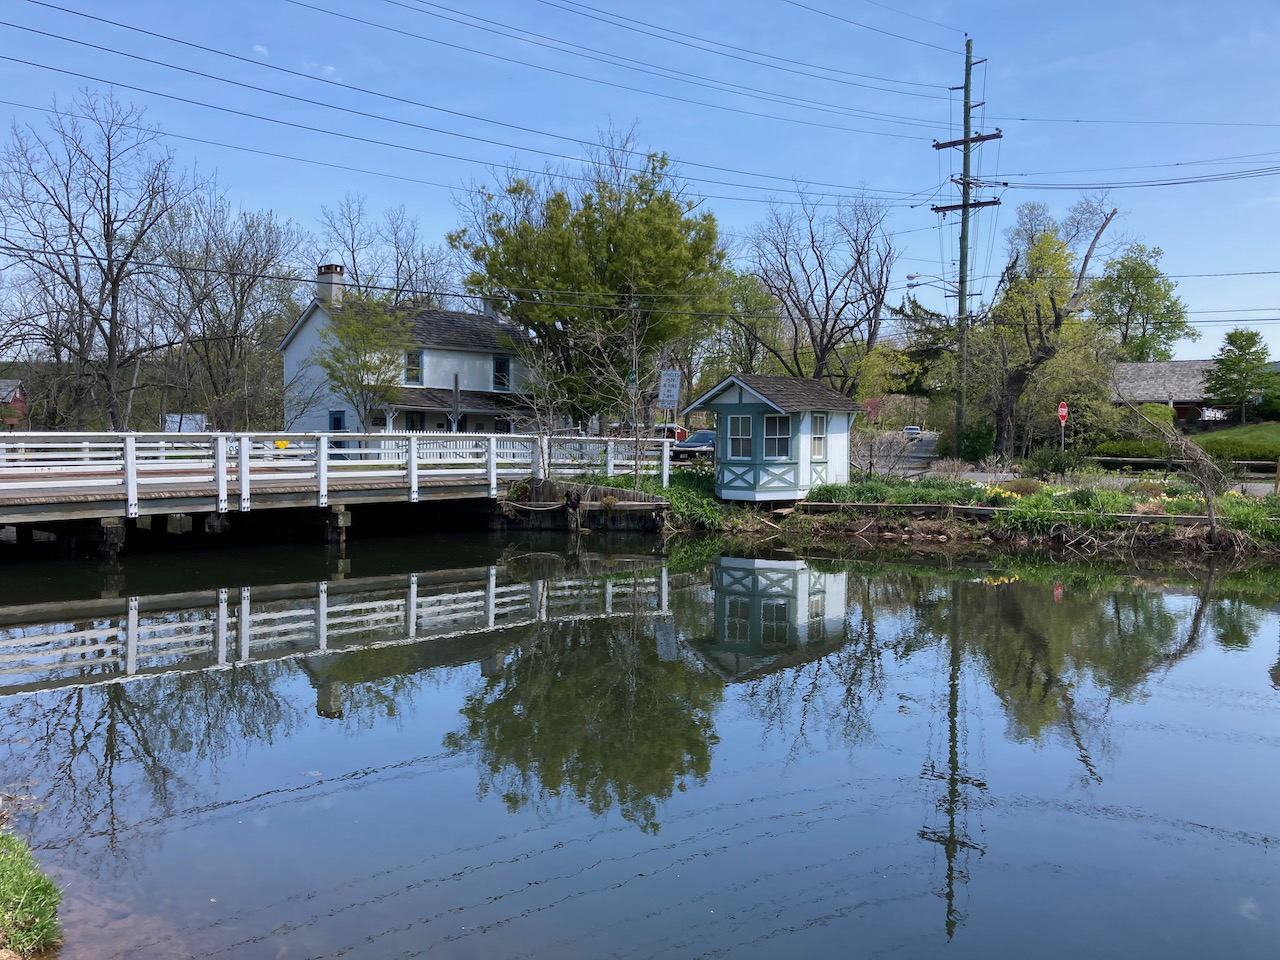 Delaware and Raritan Canal.